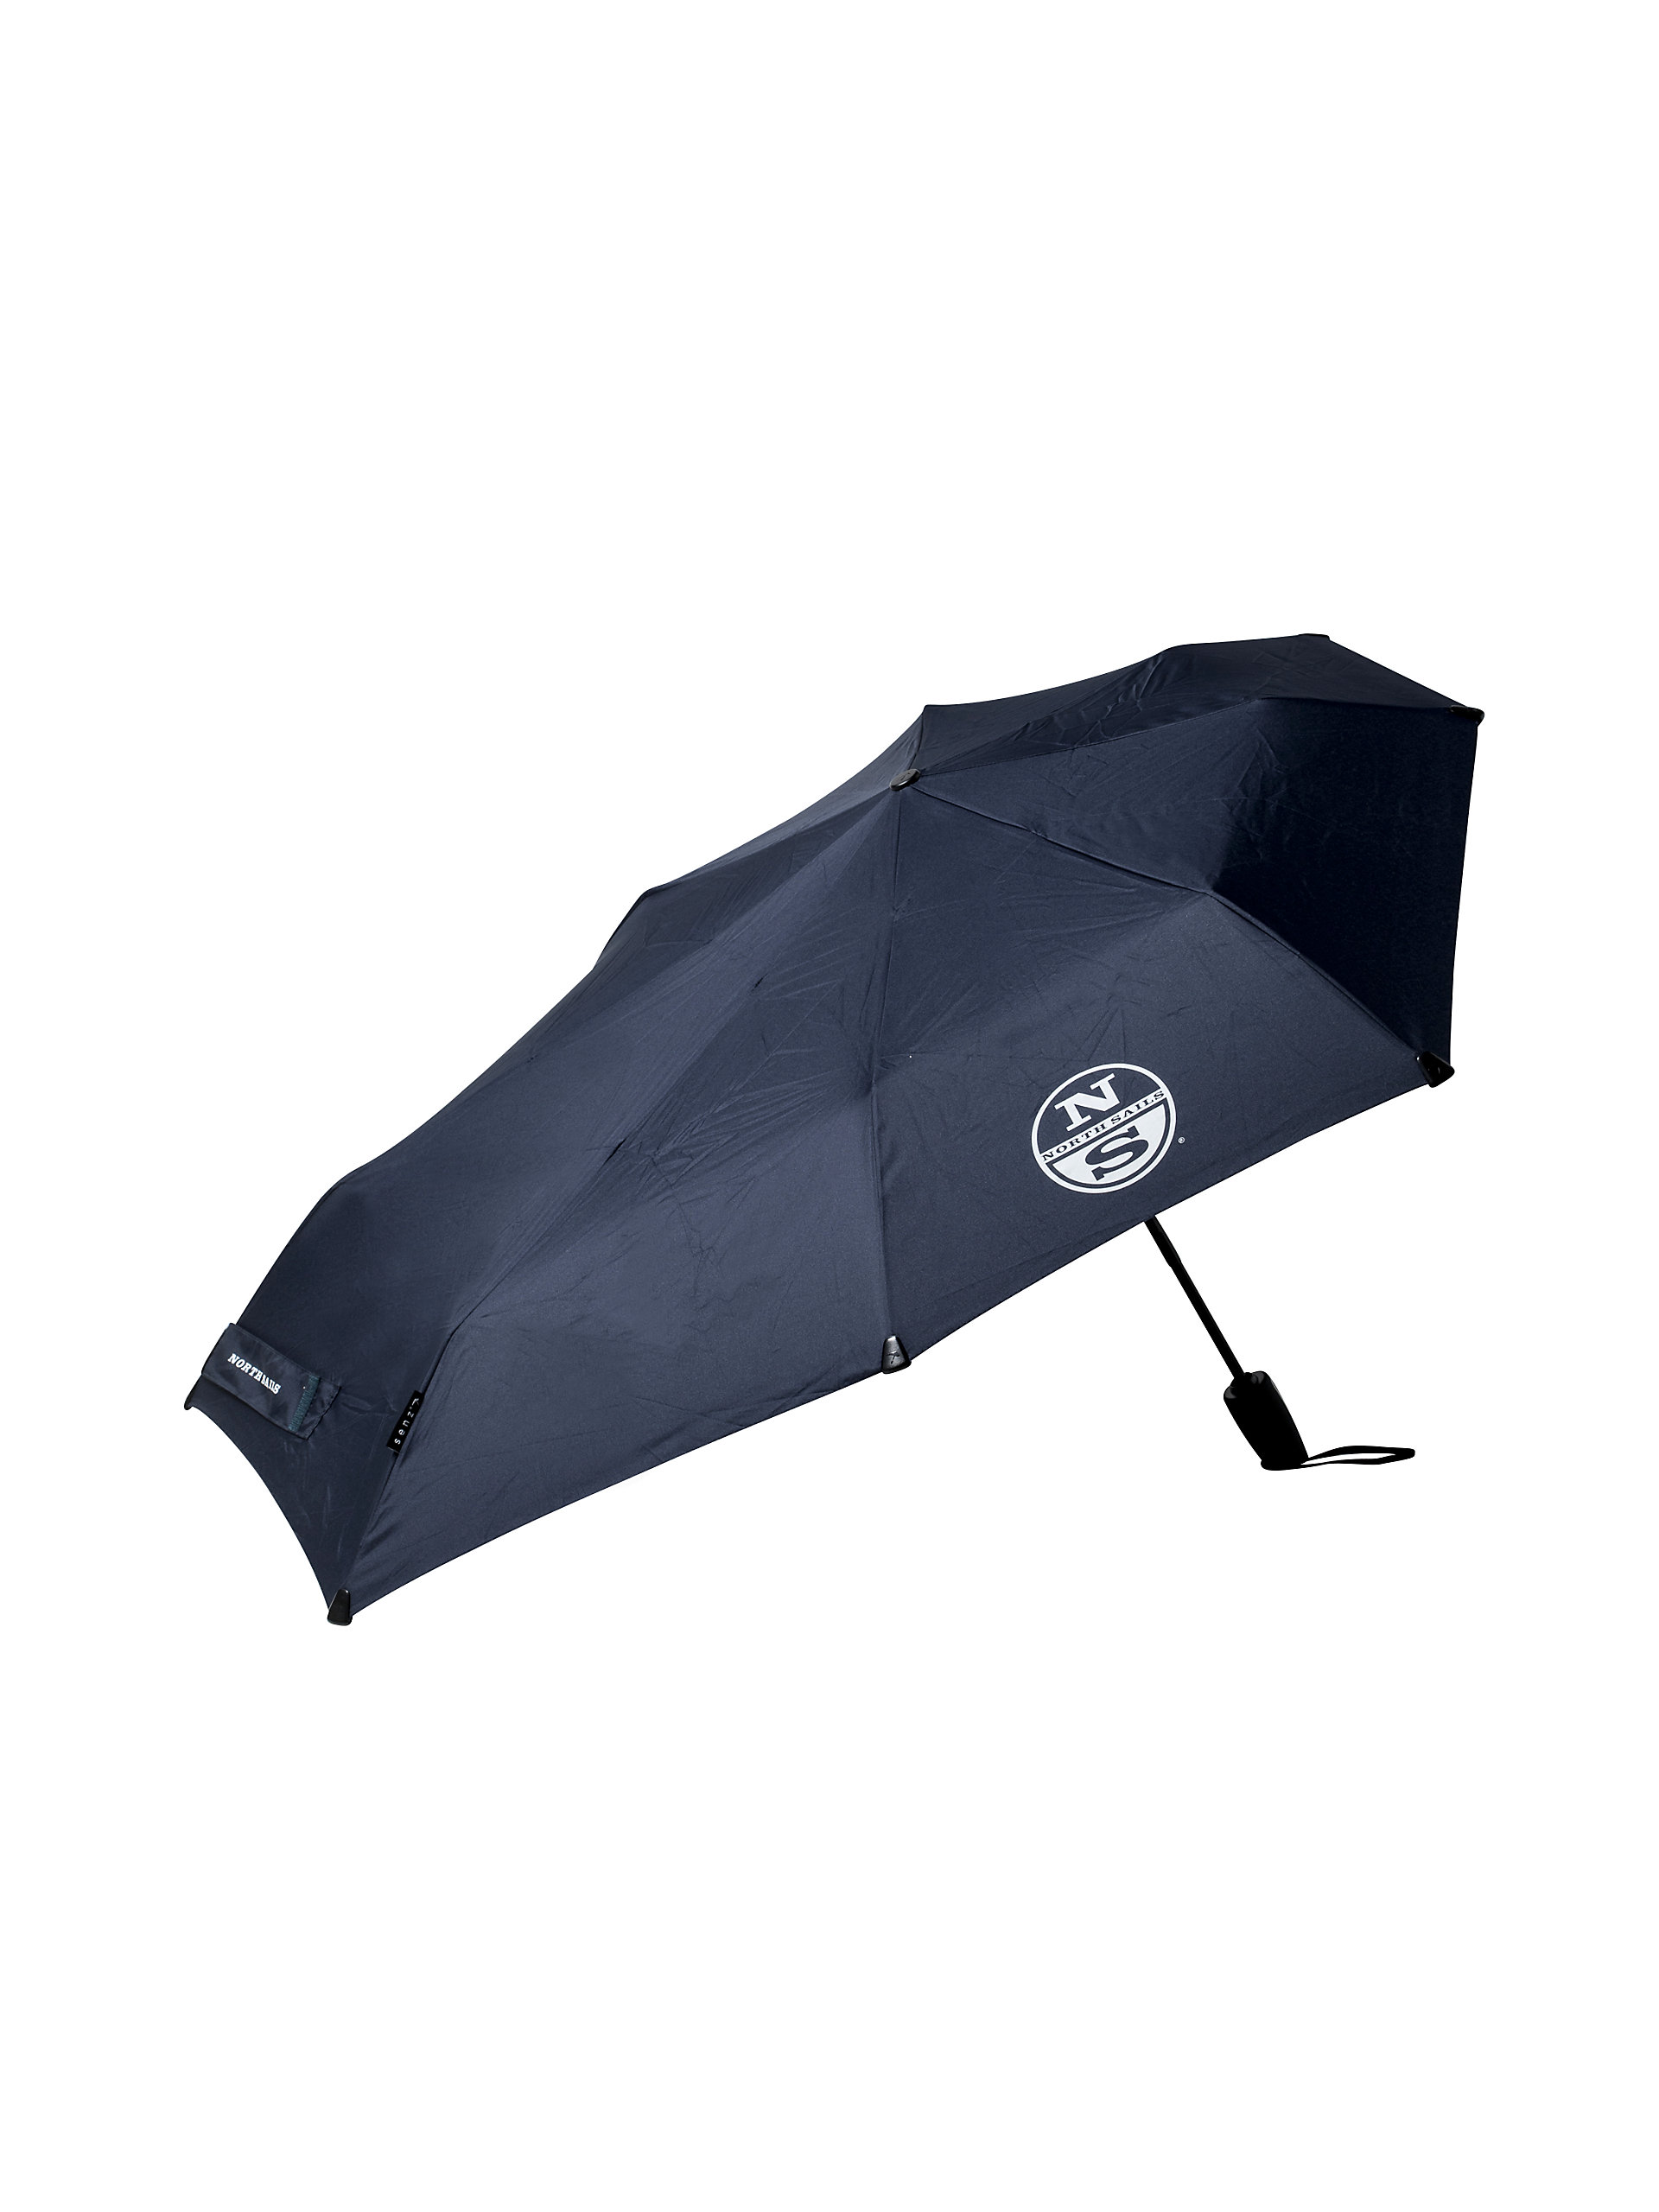 Diplomatico North Sails Senz Umbrella Pieghevole Nano Rivestimento E Upf50 + Protezione - Os